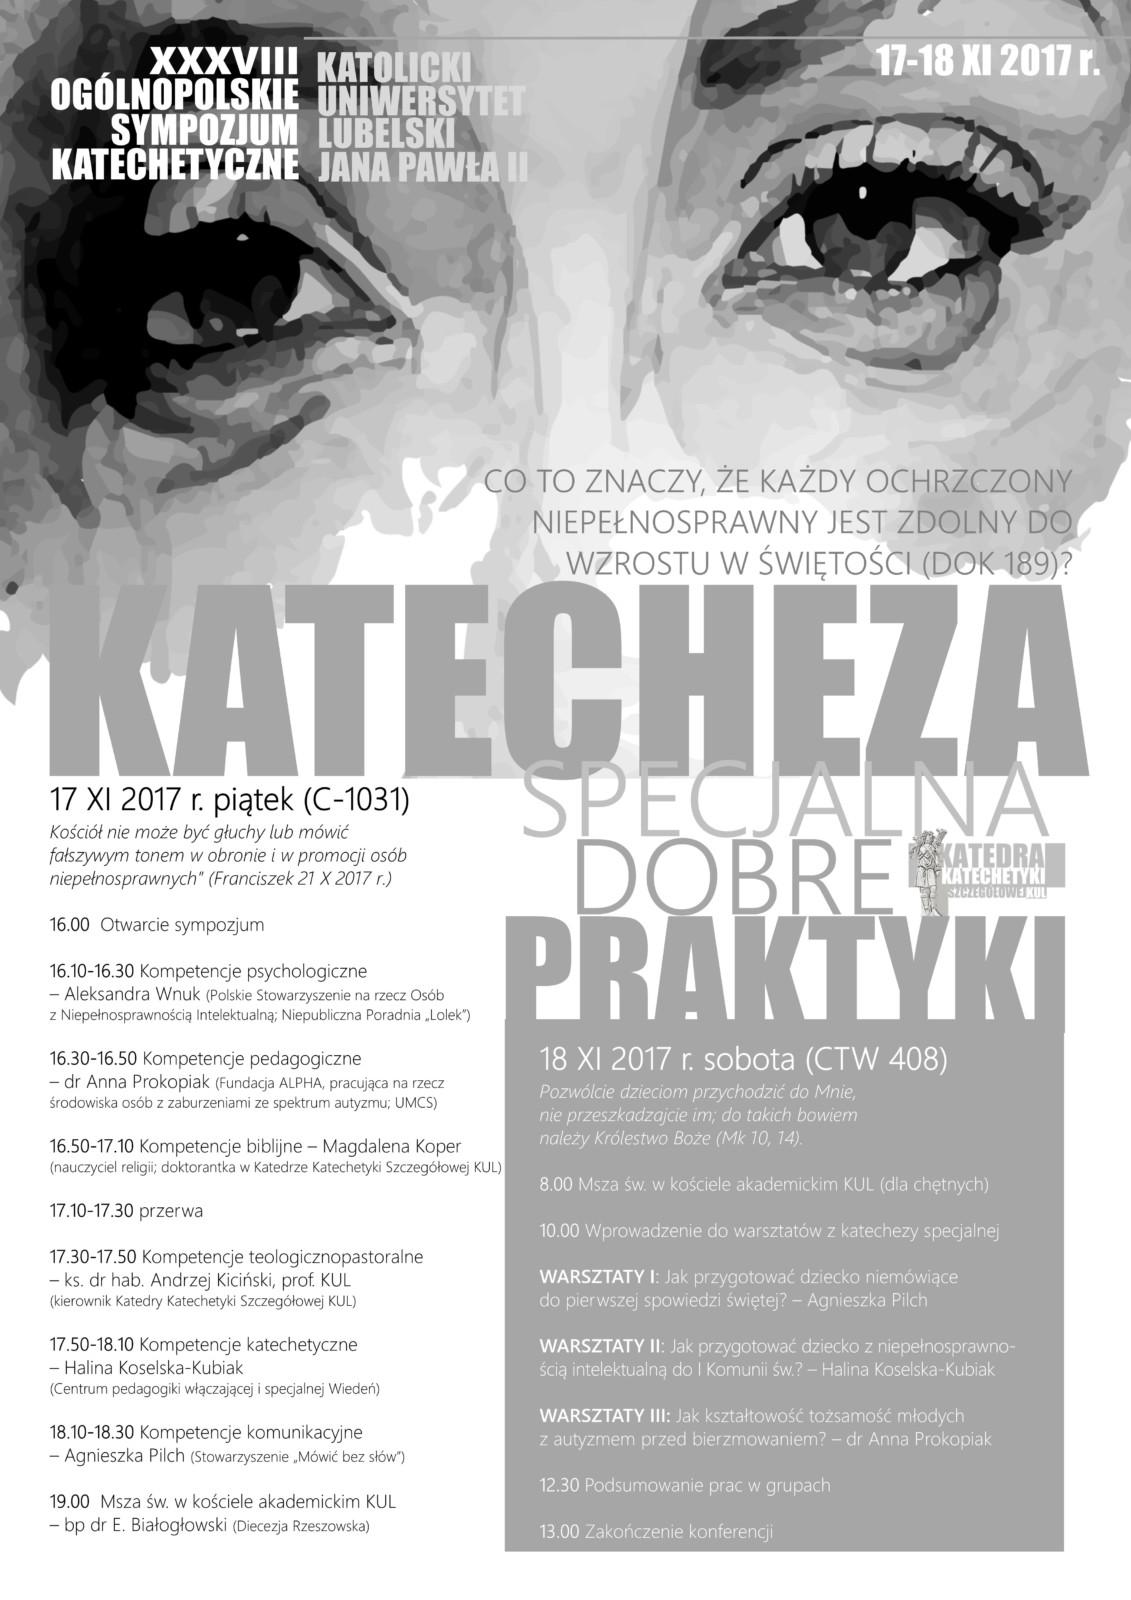 xxxviii-ogolnopolskie-sympozjum-katechetyczne